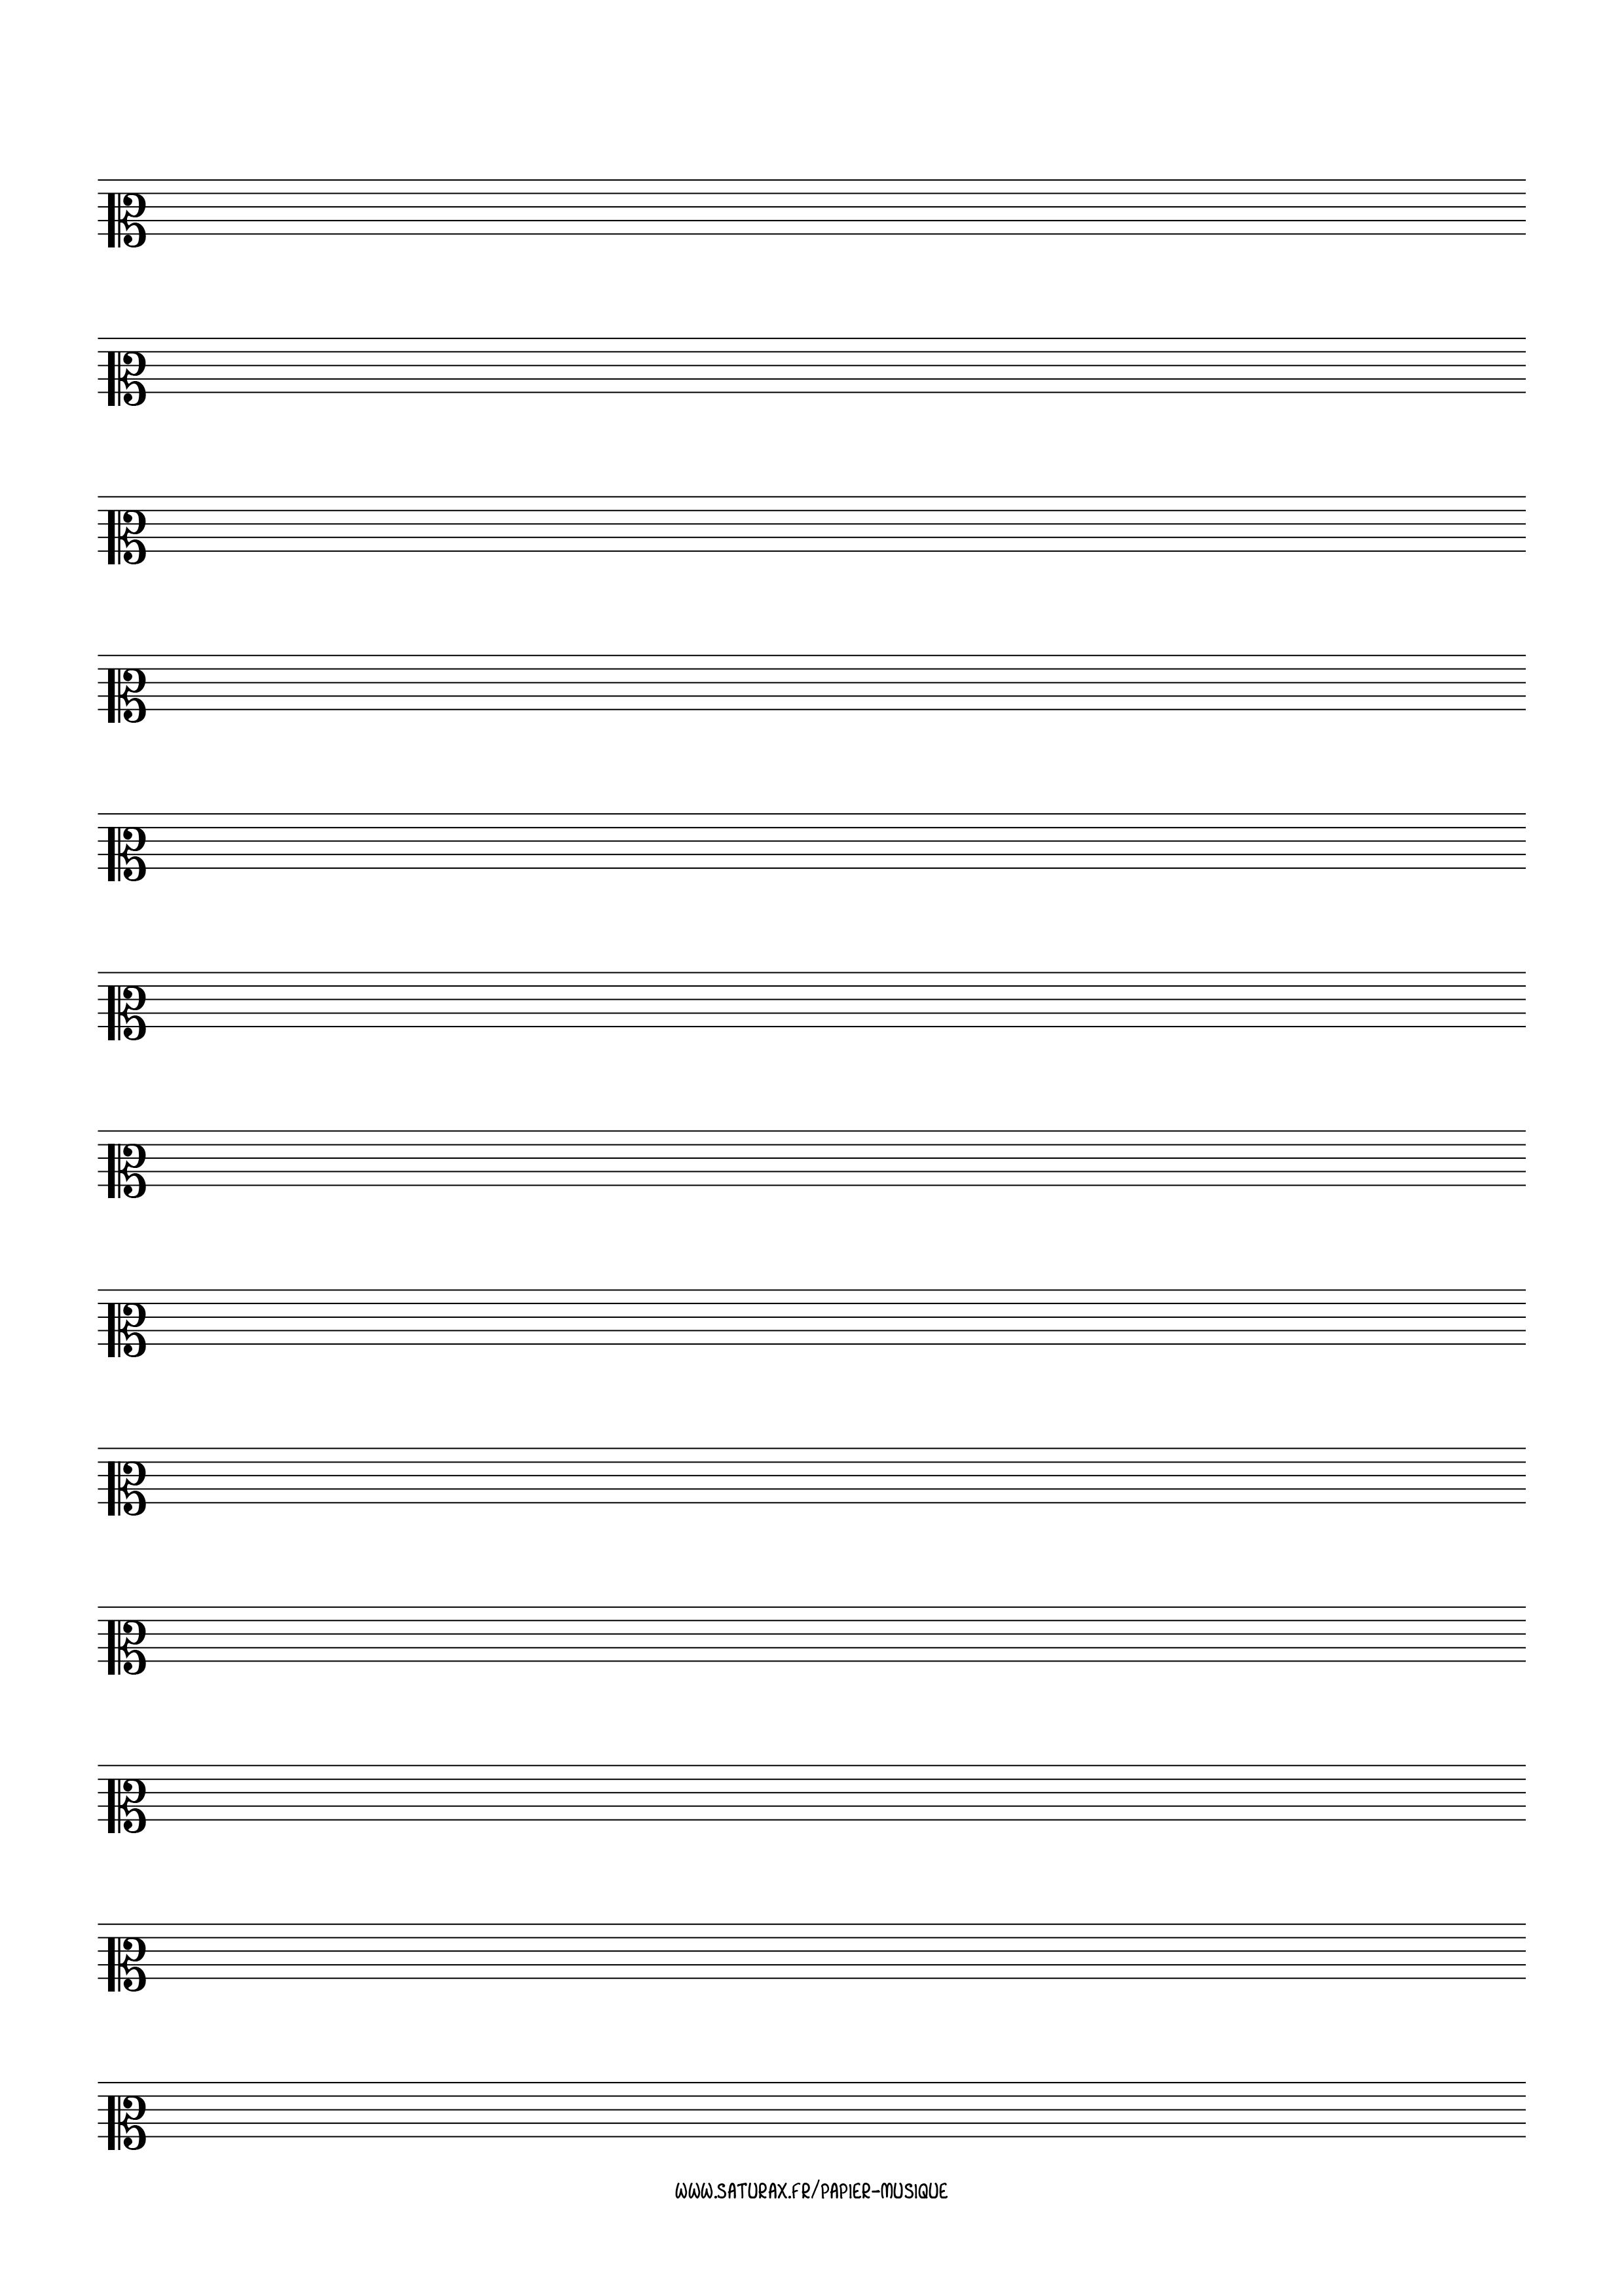 papier musique gratuit download pdf clé clef ut 2